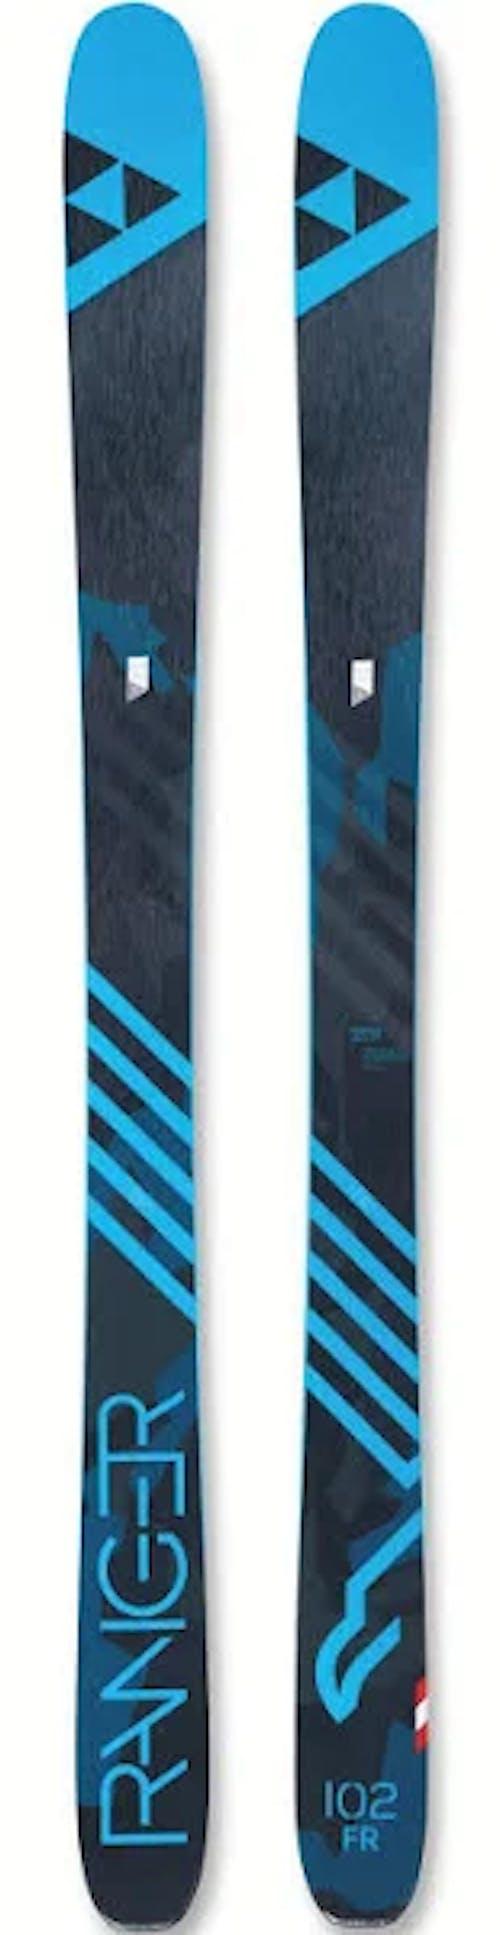 Fischer Ranger 102 FR Skis